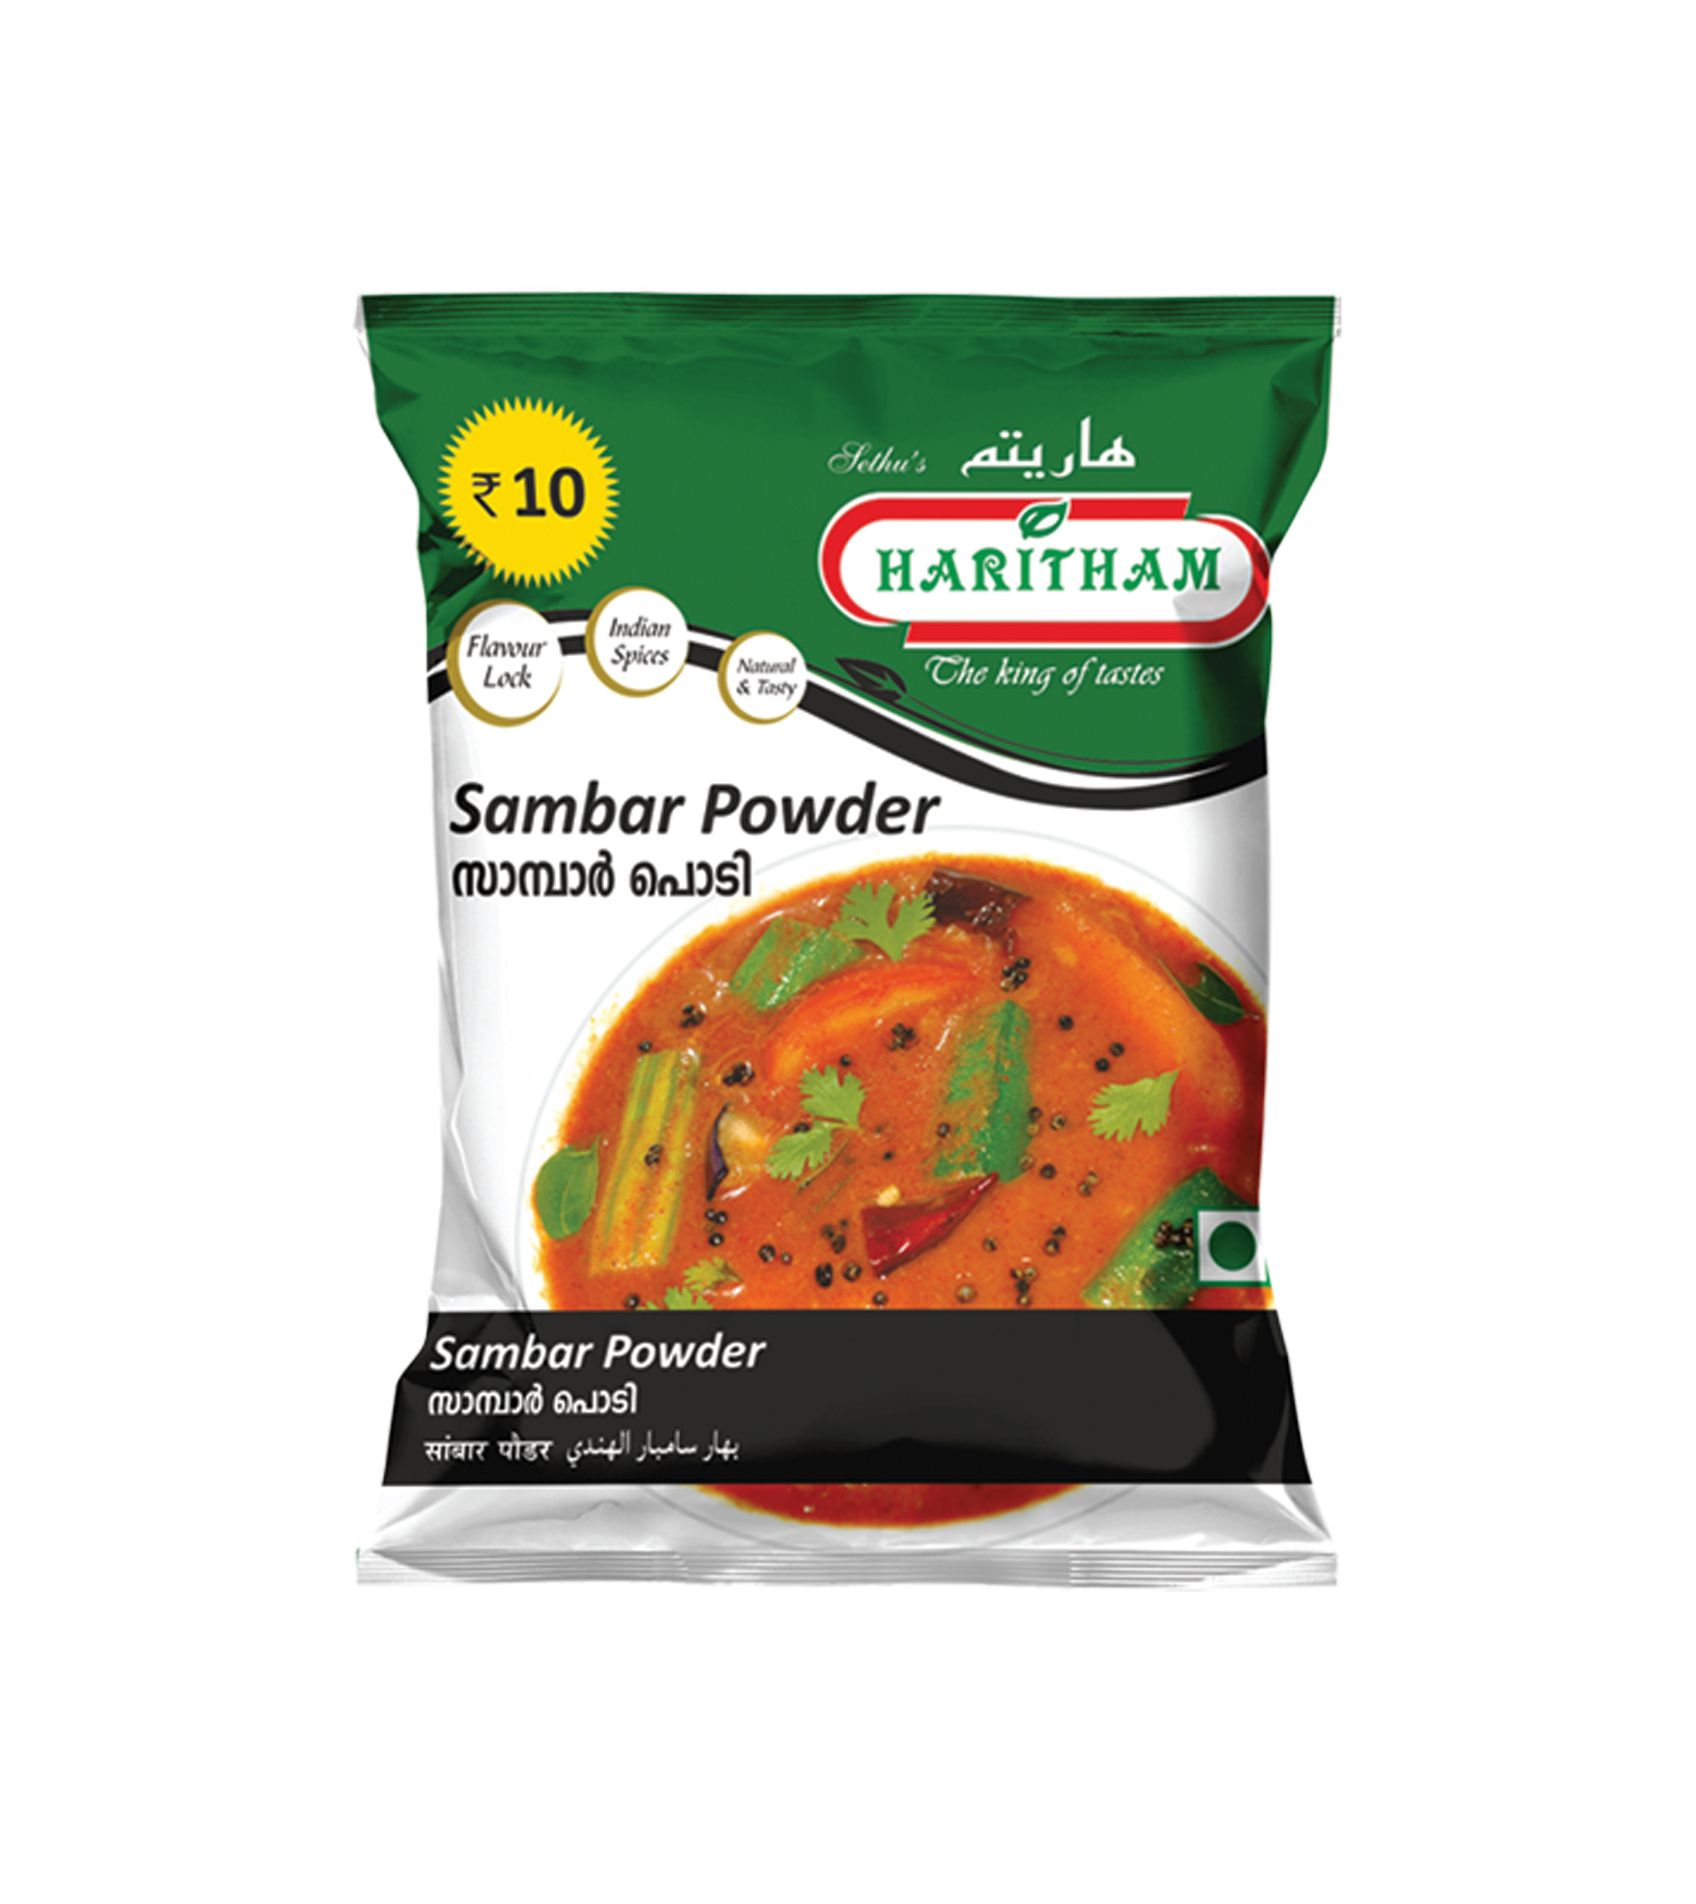 Sambar Powder 50g